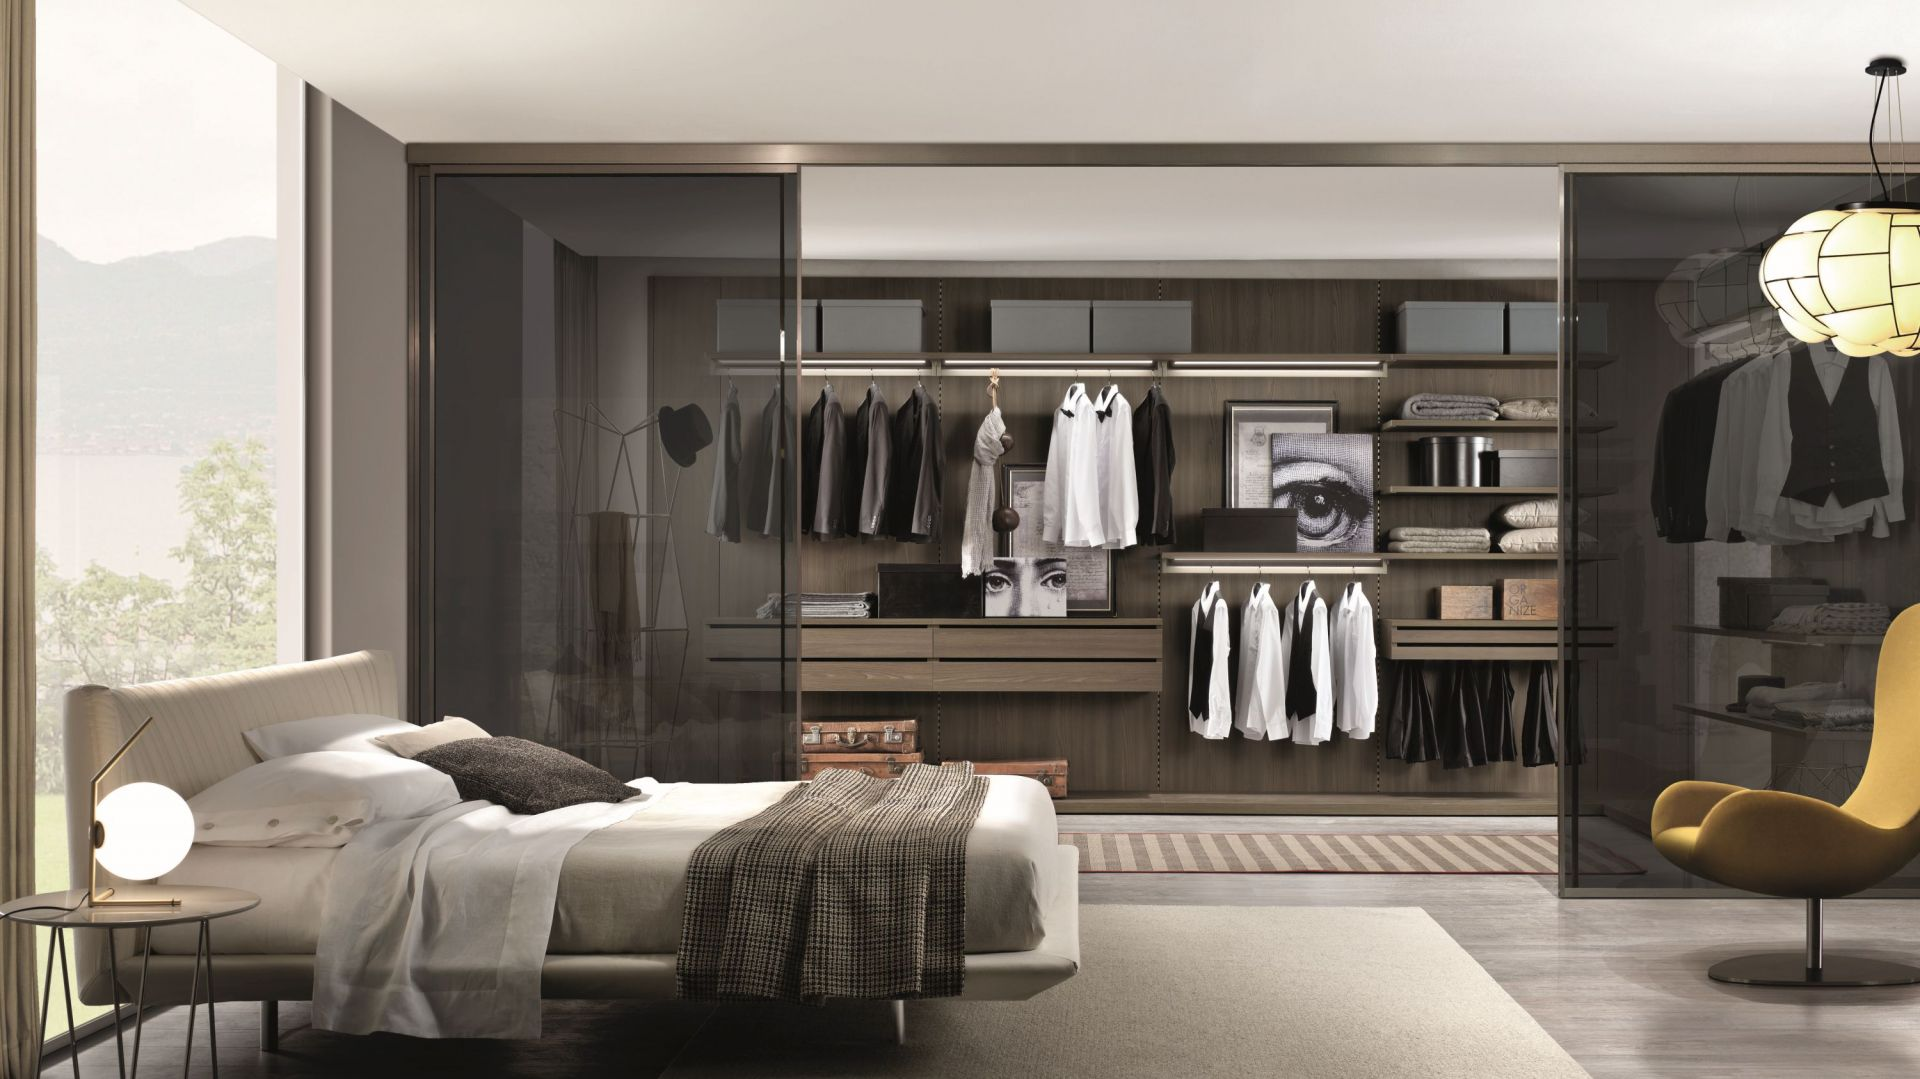 Od sypialni można garderobę oddzielić szklanymi drzwiami. Fot. Zalf